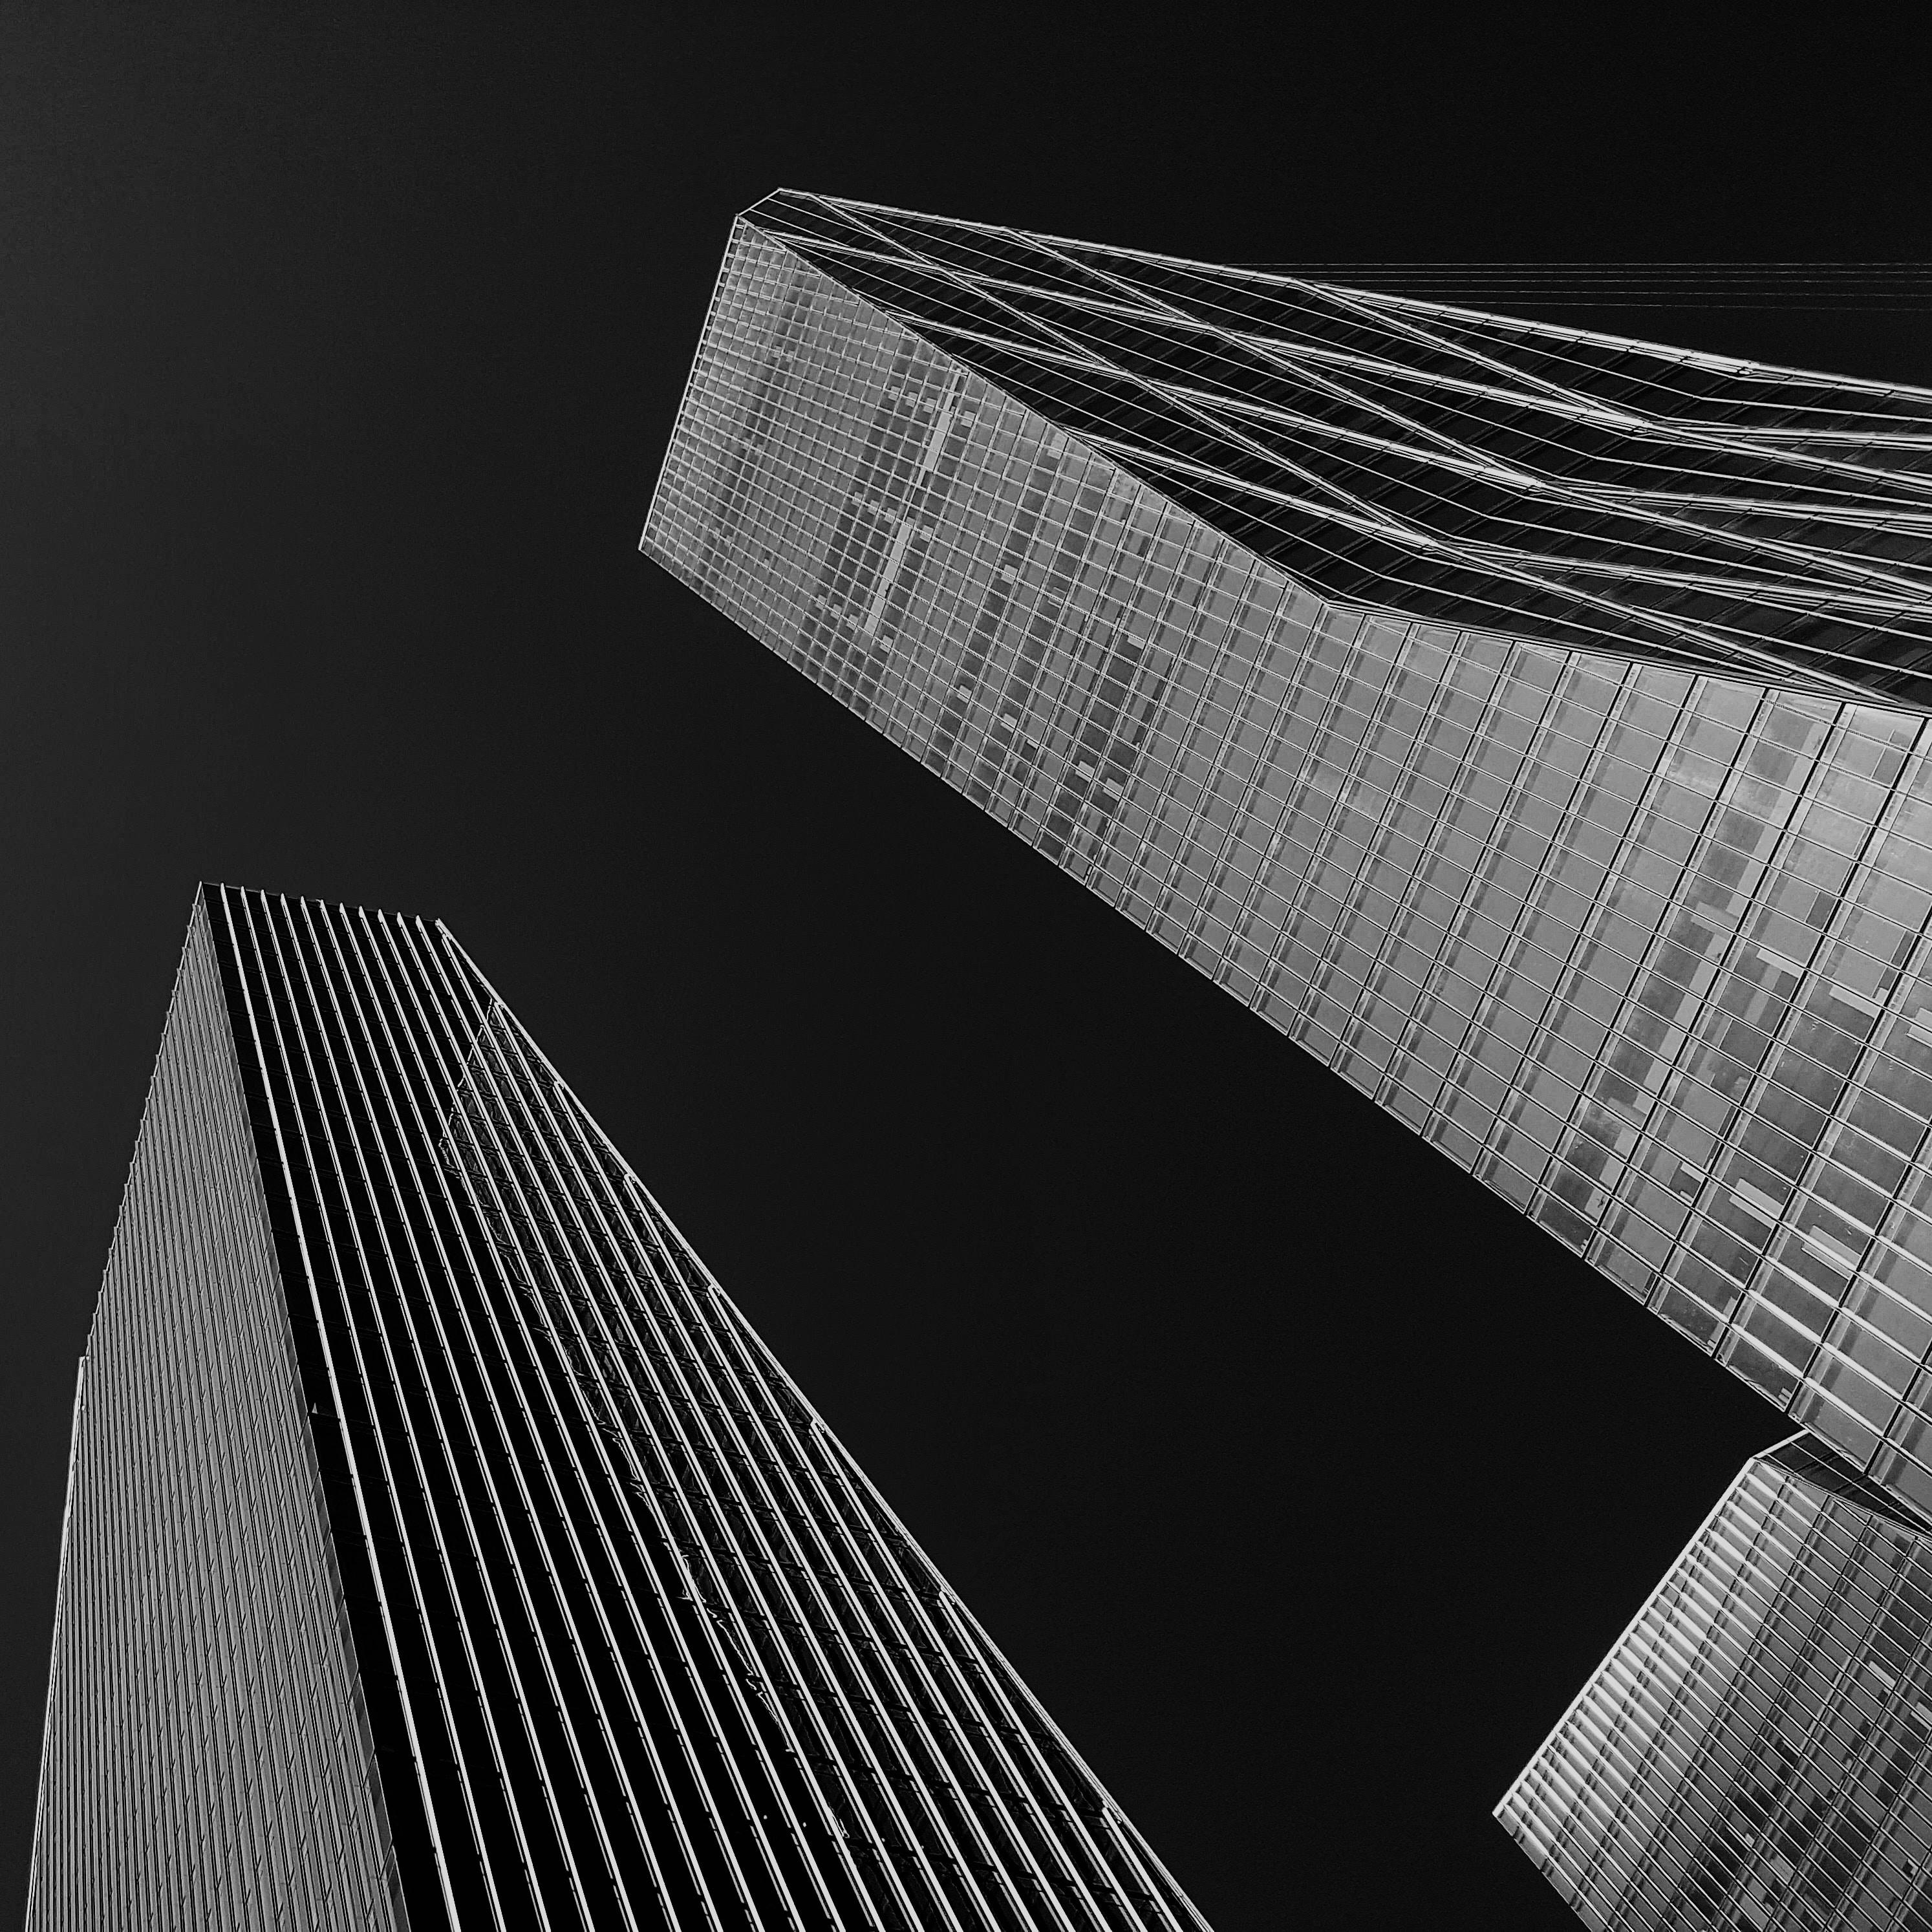 Foto de prédios cinzas muito altos em zona urbana. Saiba mais como se tornar um grande escritório e superar a concorrência no mercado de advocacia no brasil.